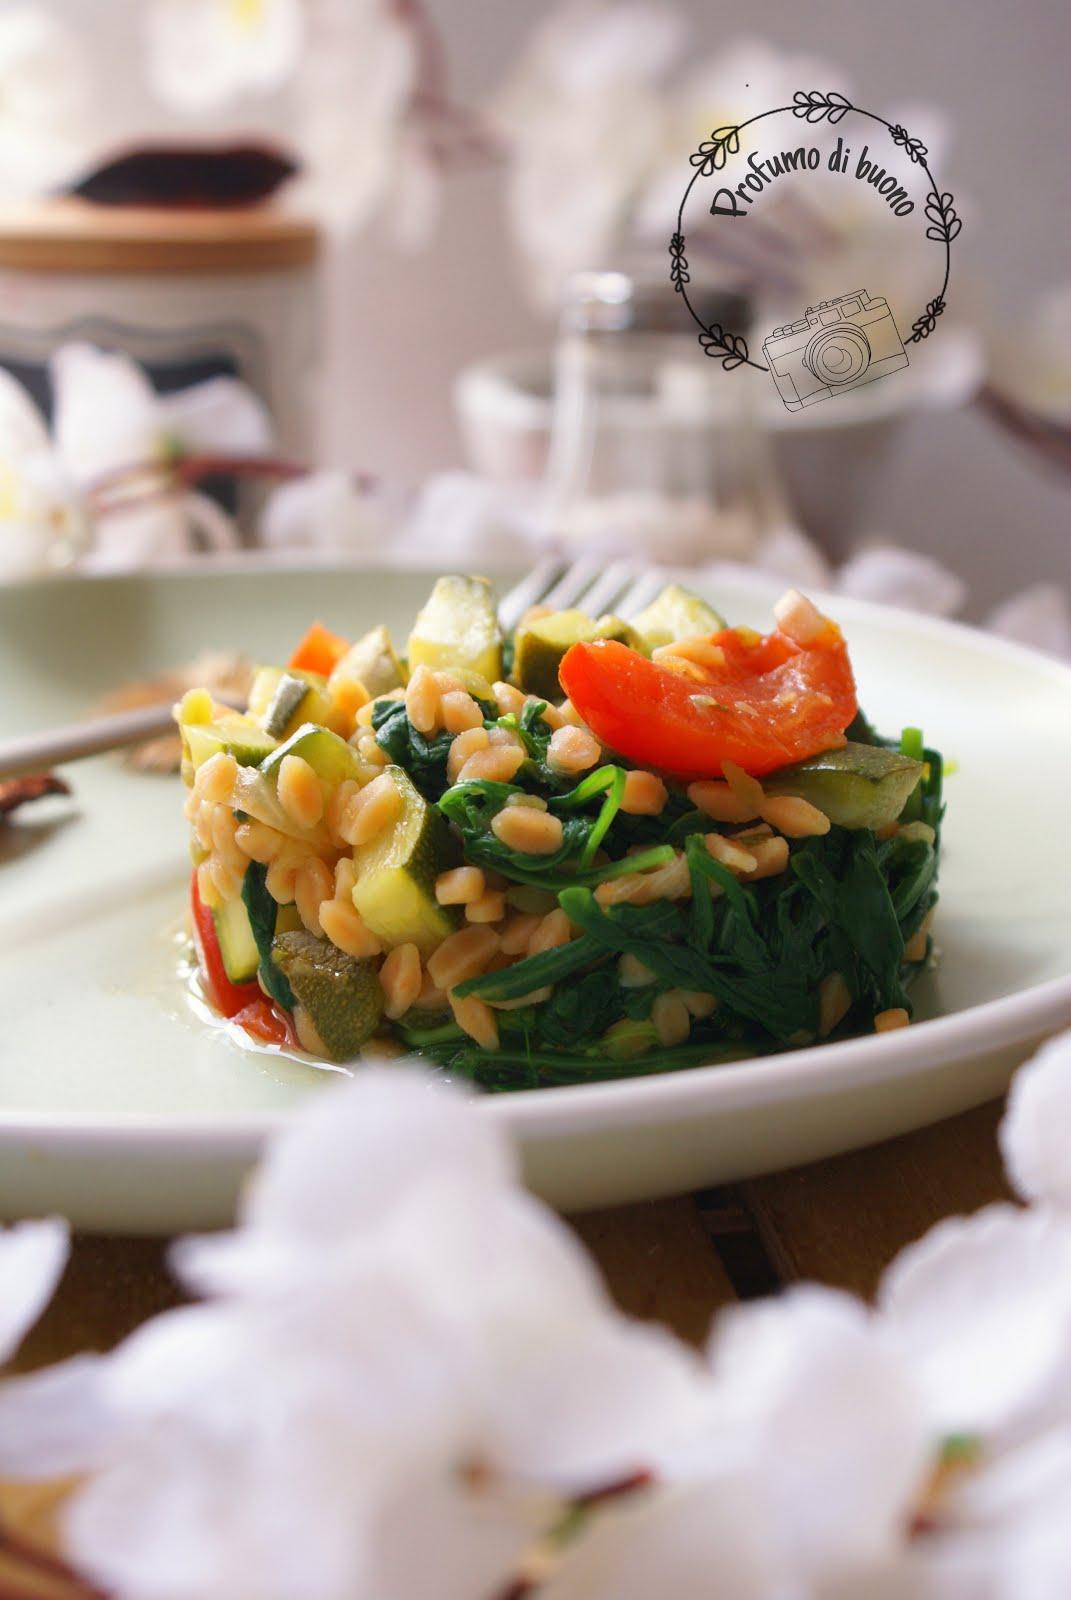 Legumotti con zucchine, pomodorini e rucola